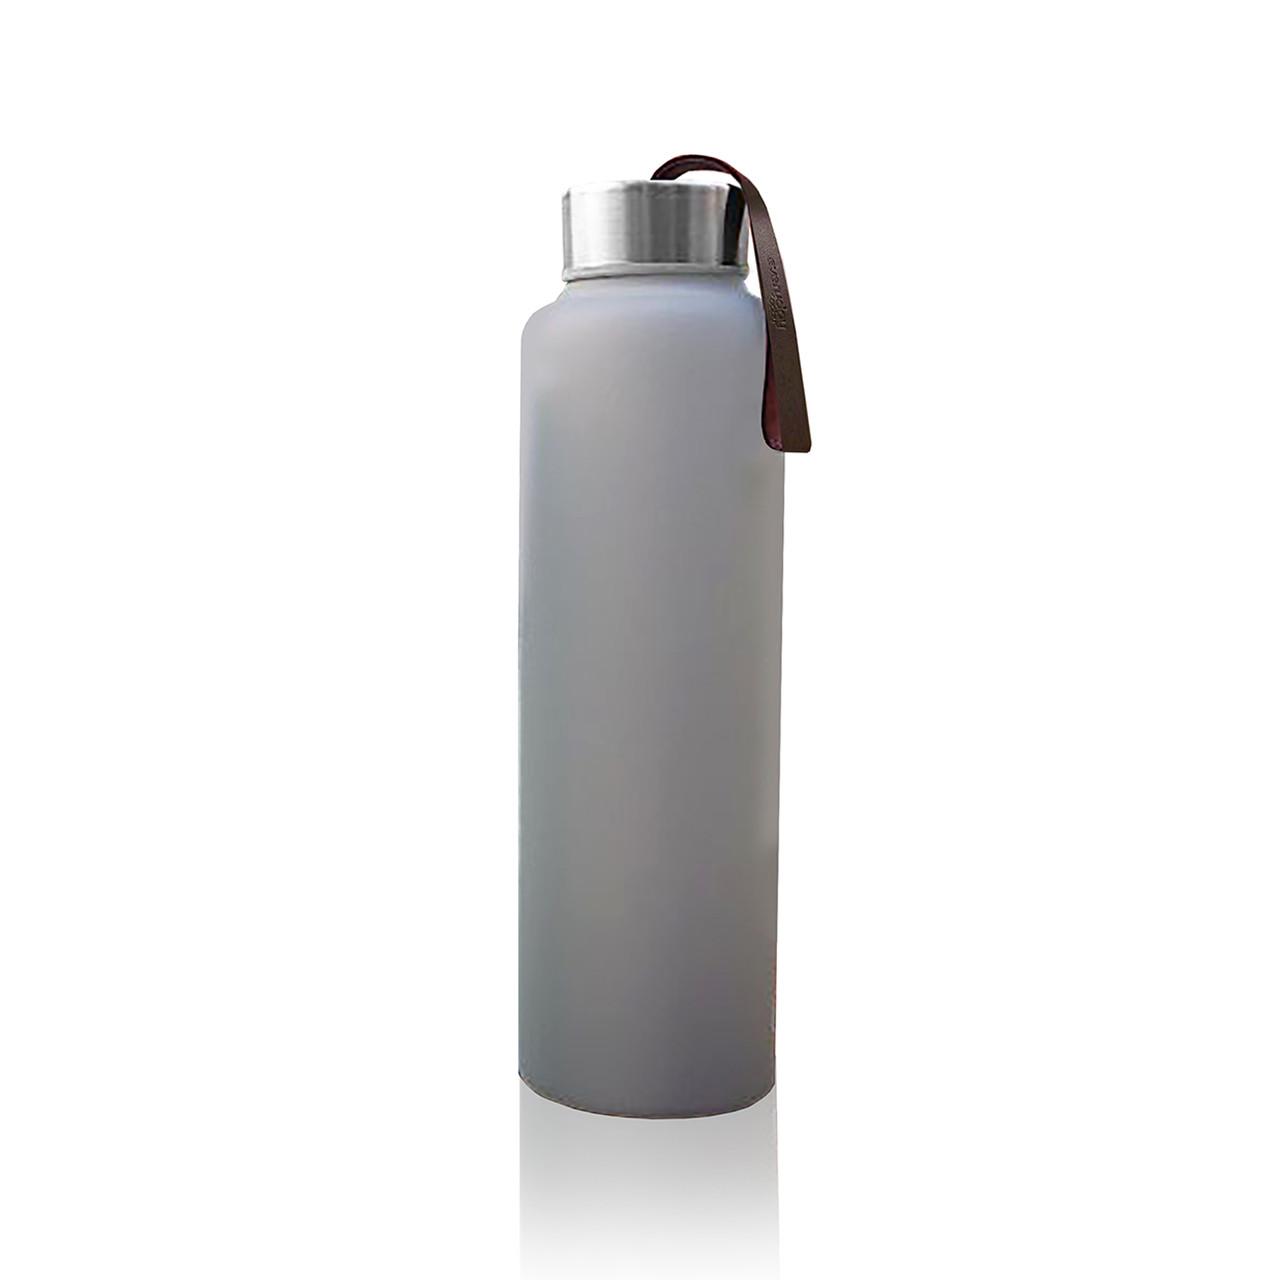 Стеклянная бутылка для воды с силиконовой защитой Everyday Baby 400мл. Цвет светло-серый